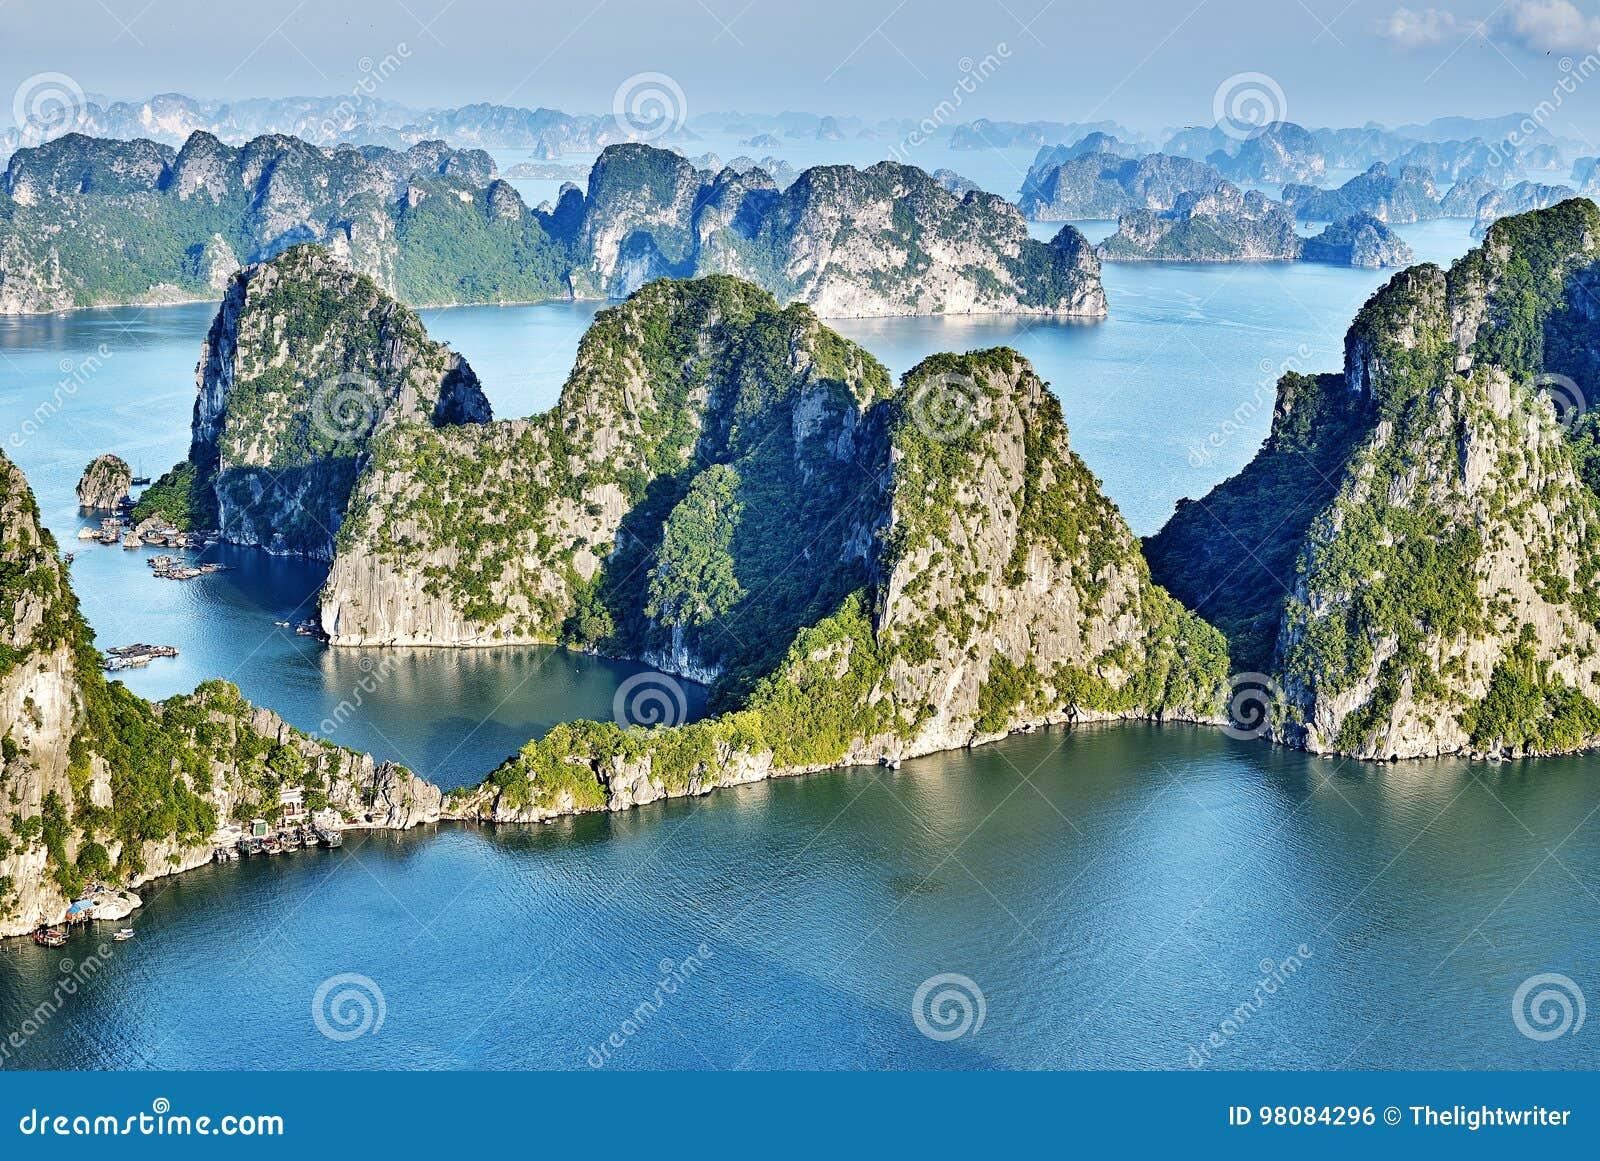 Mooie groene kalksteenbergen in halon baai